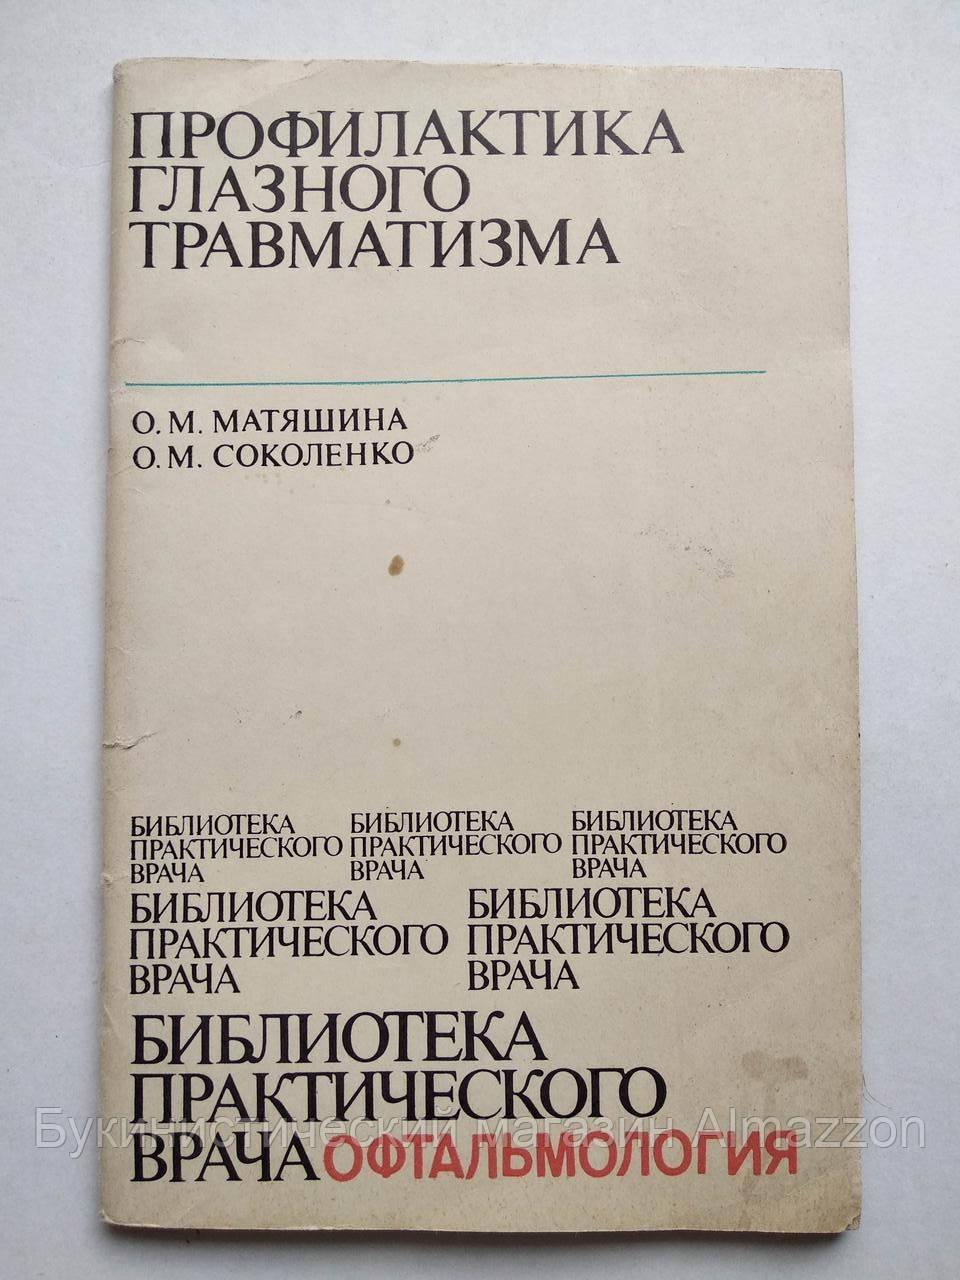 Профилактика глазного травматизма О.М.Матяшина